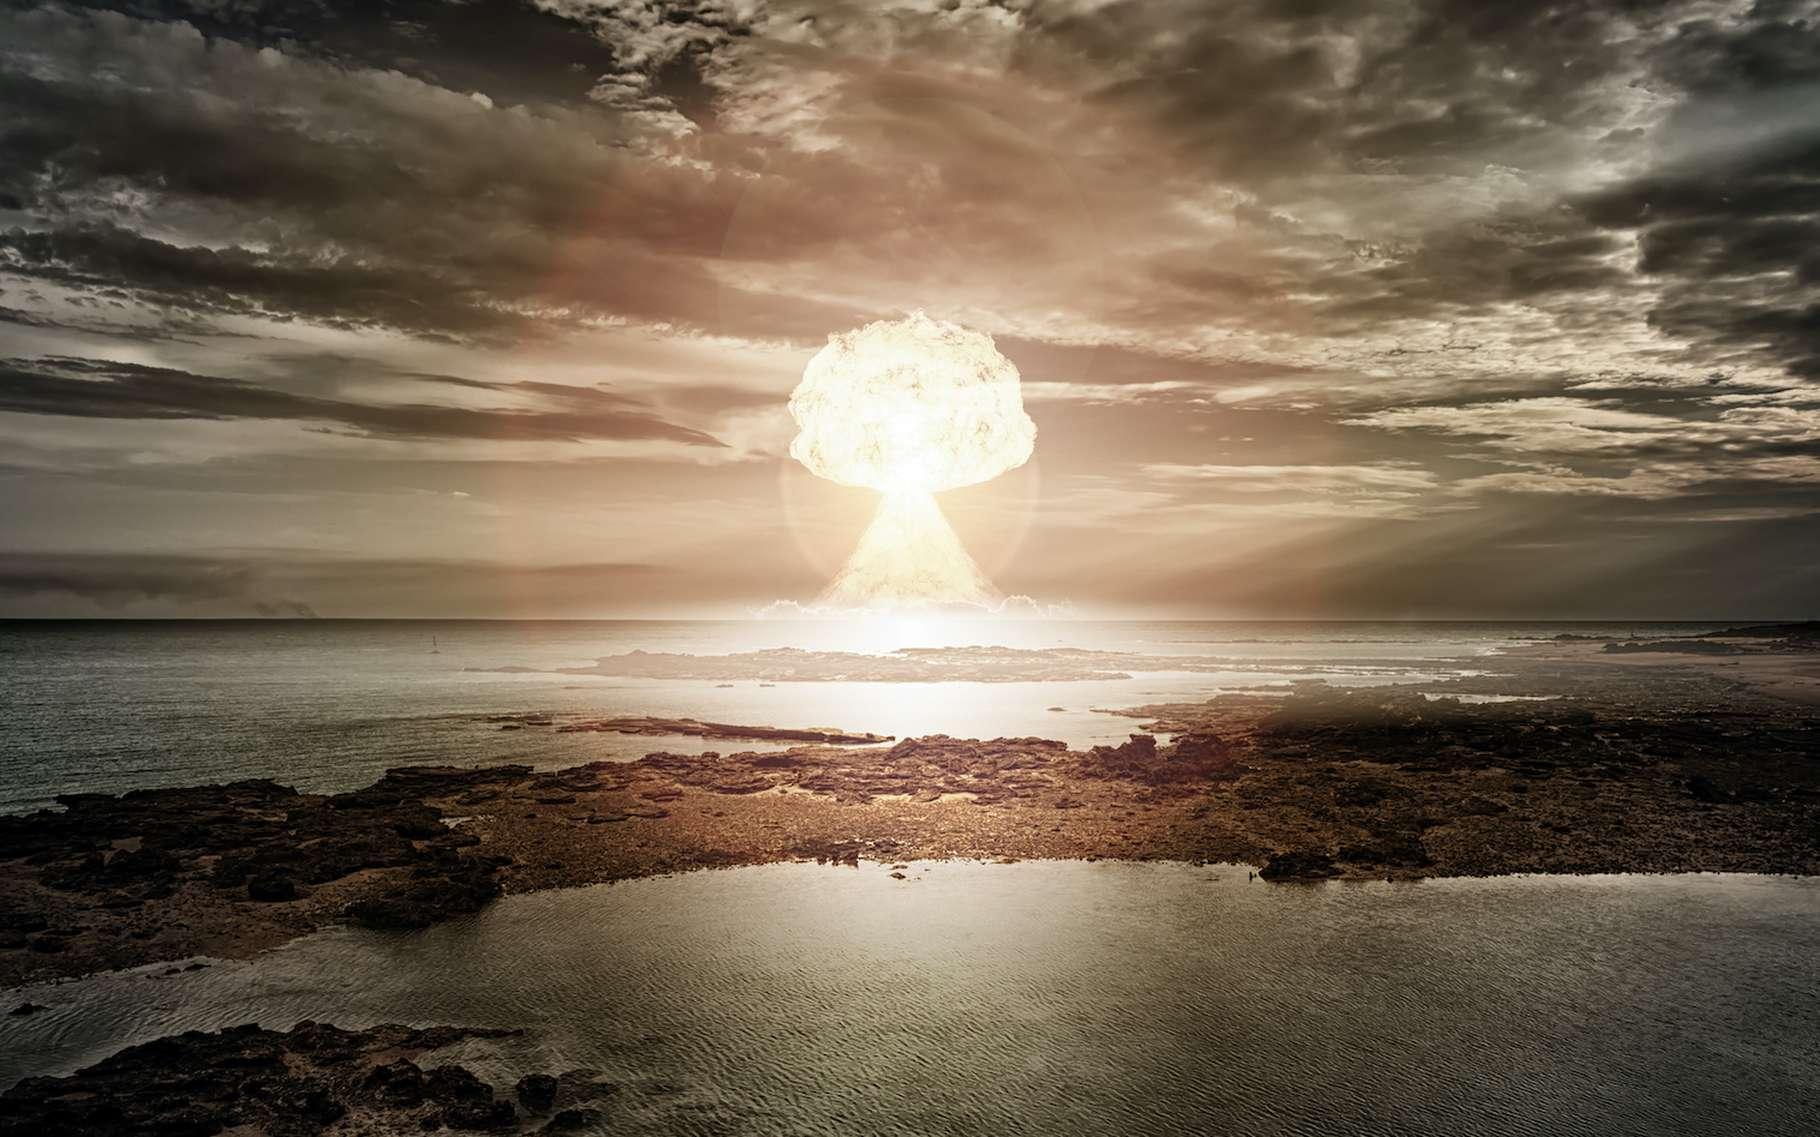 Des chercheurs de l'Institut d'études géologiques des États-Unis montrent comment une explosion nucléaire peut provoquer une tempête géomagnétique. © magann, Adobe Stock